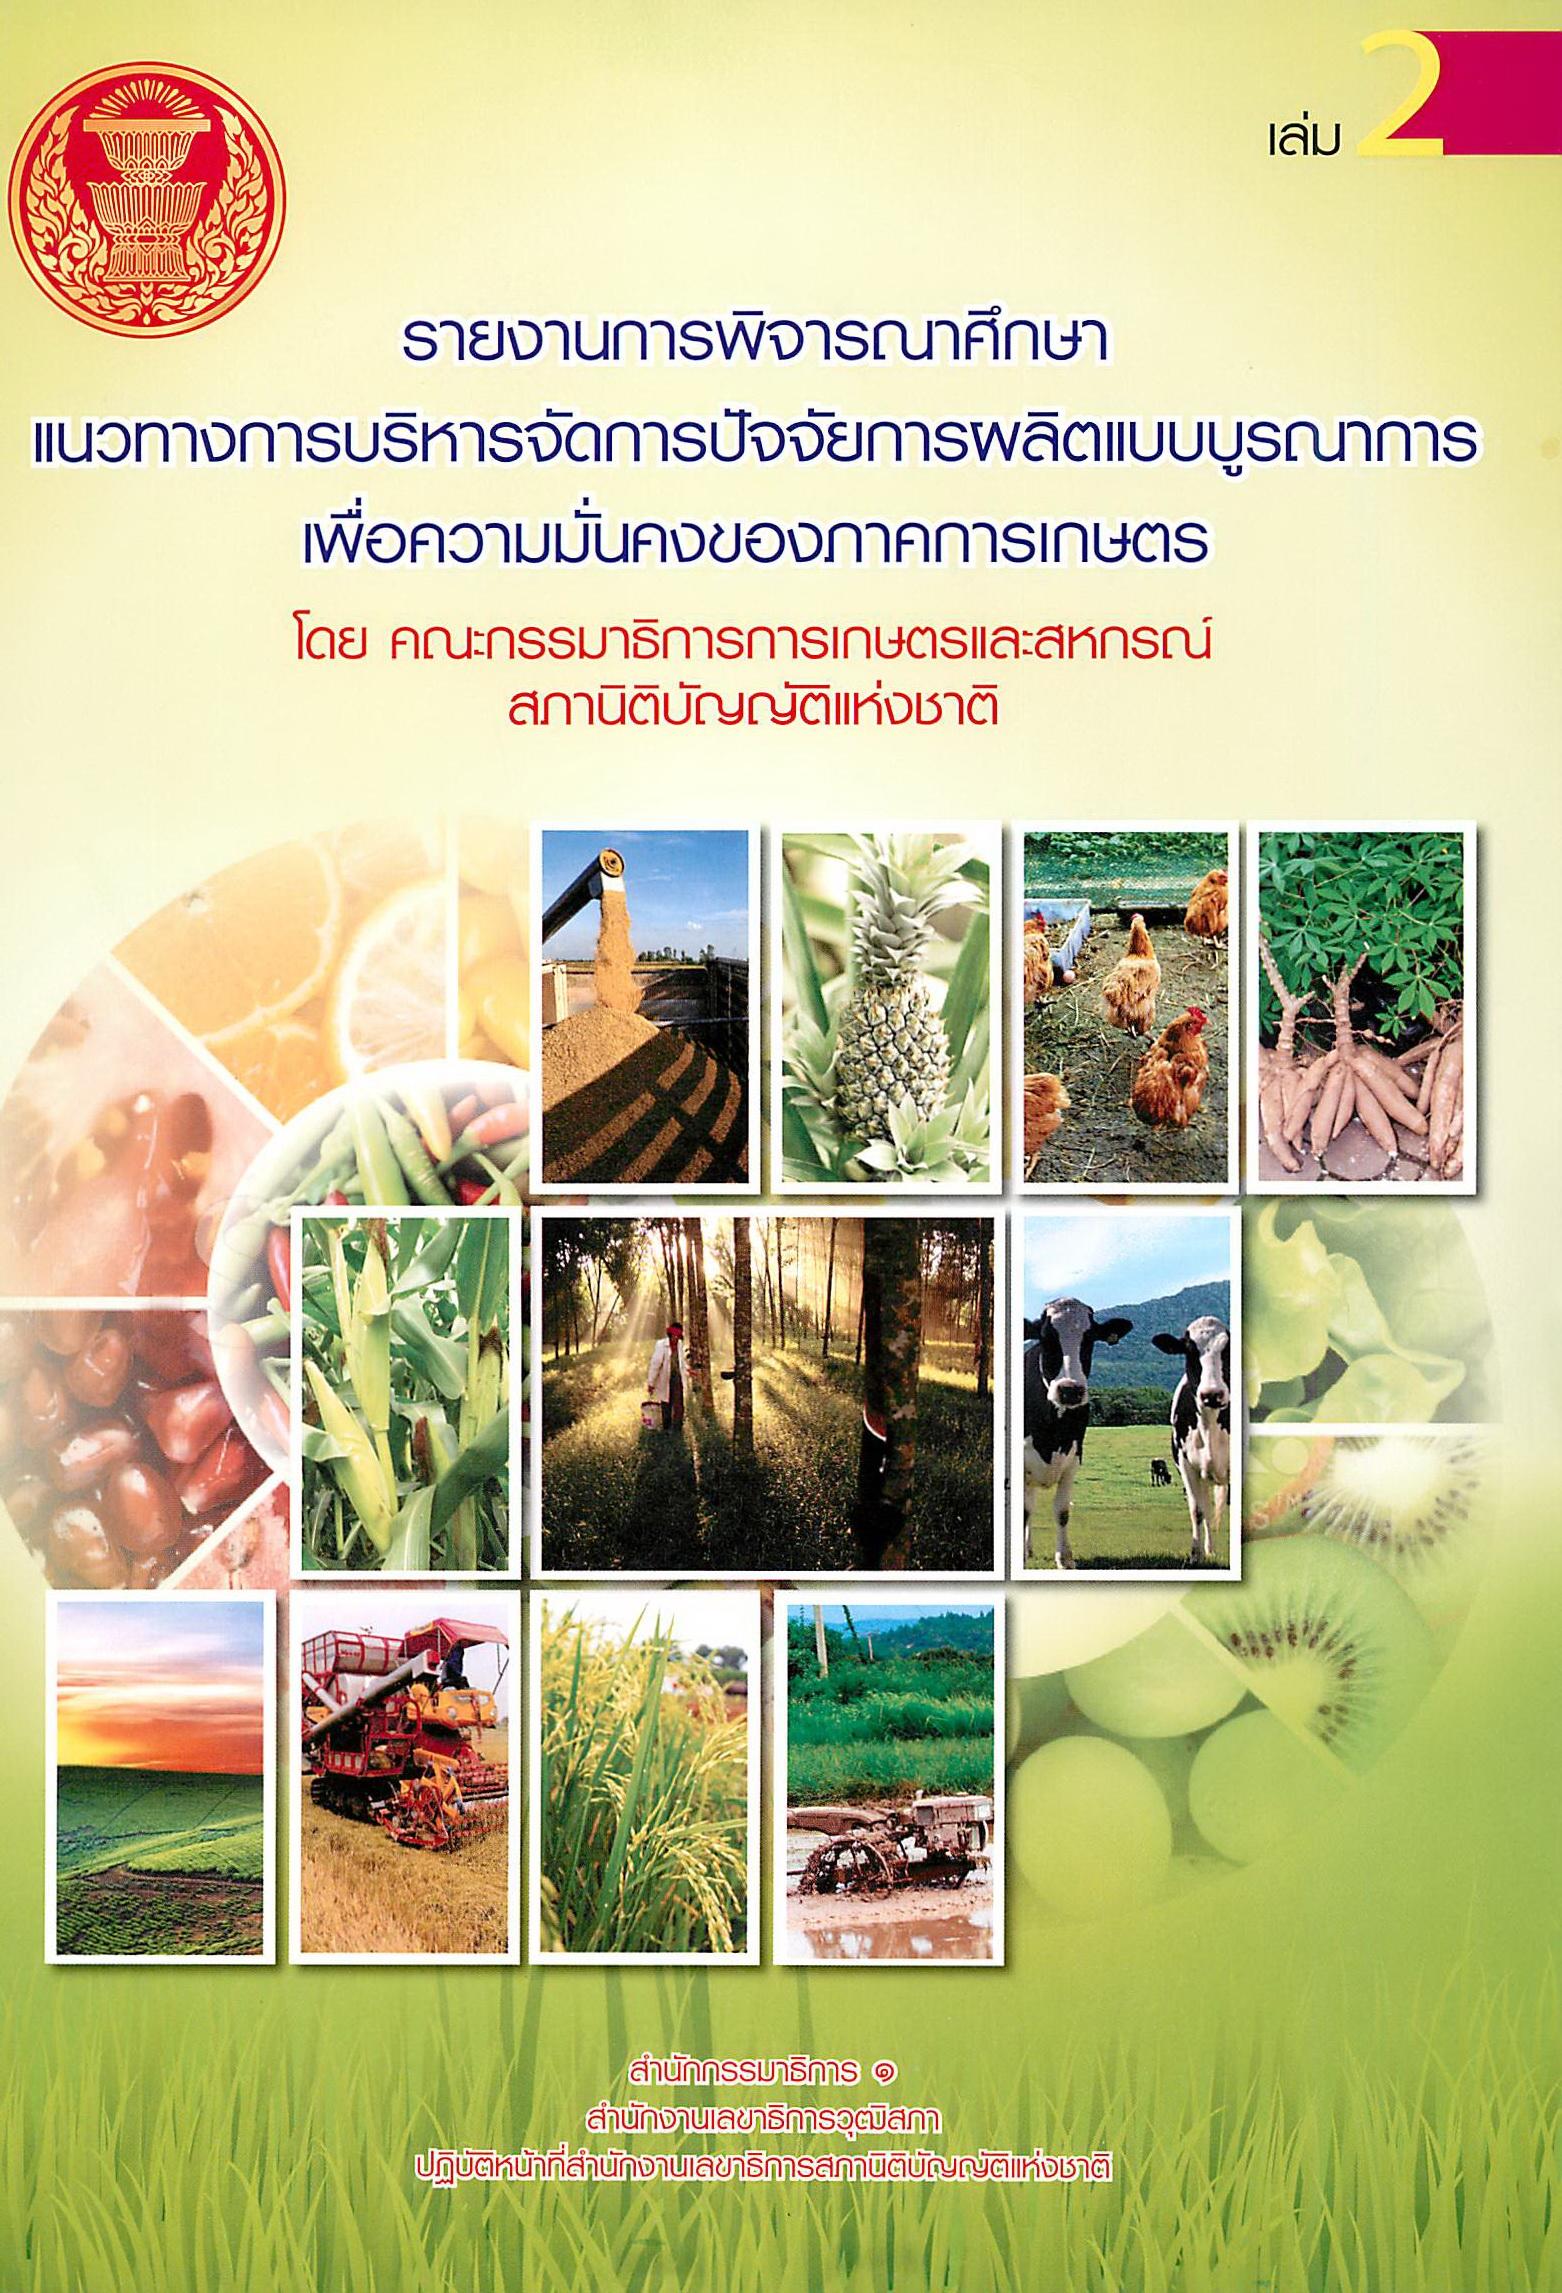 รายงานการพิจารณาศึกษาแนวทางการบริหารจัดการปัจจัยการผลิตแบบบูรณาการเพื่อความมั่นคงของภาคการเกษตร เล่ม ๒